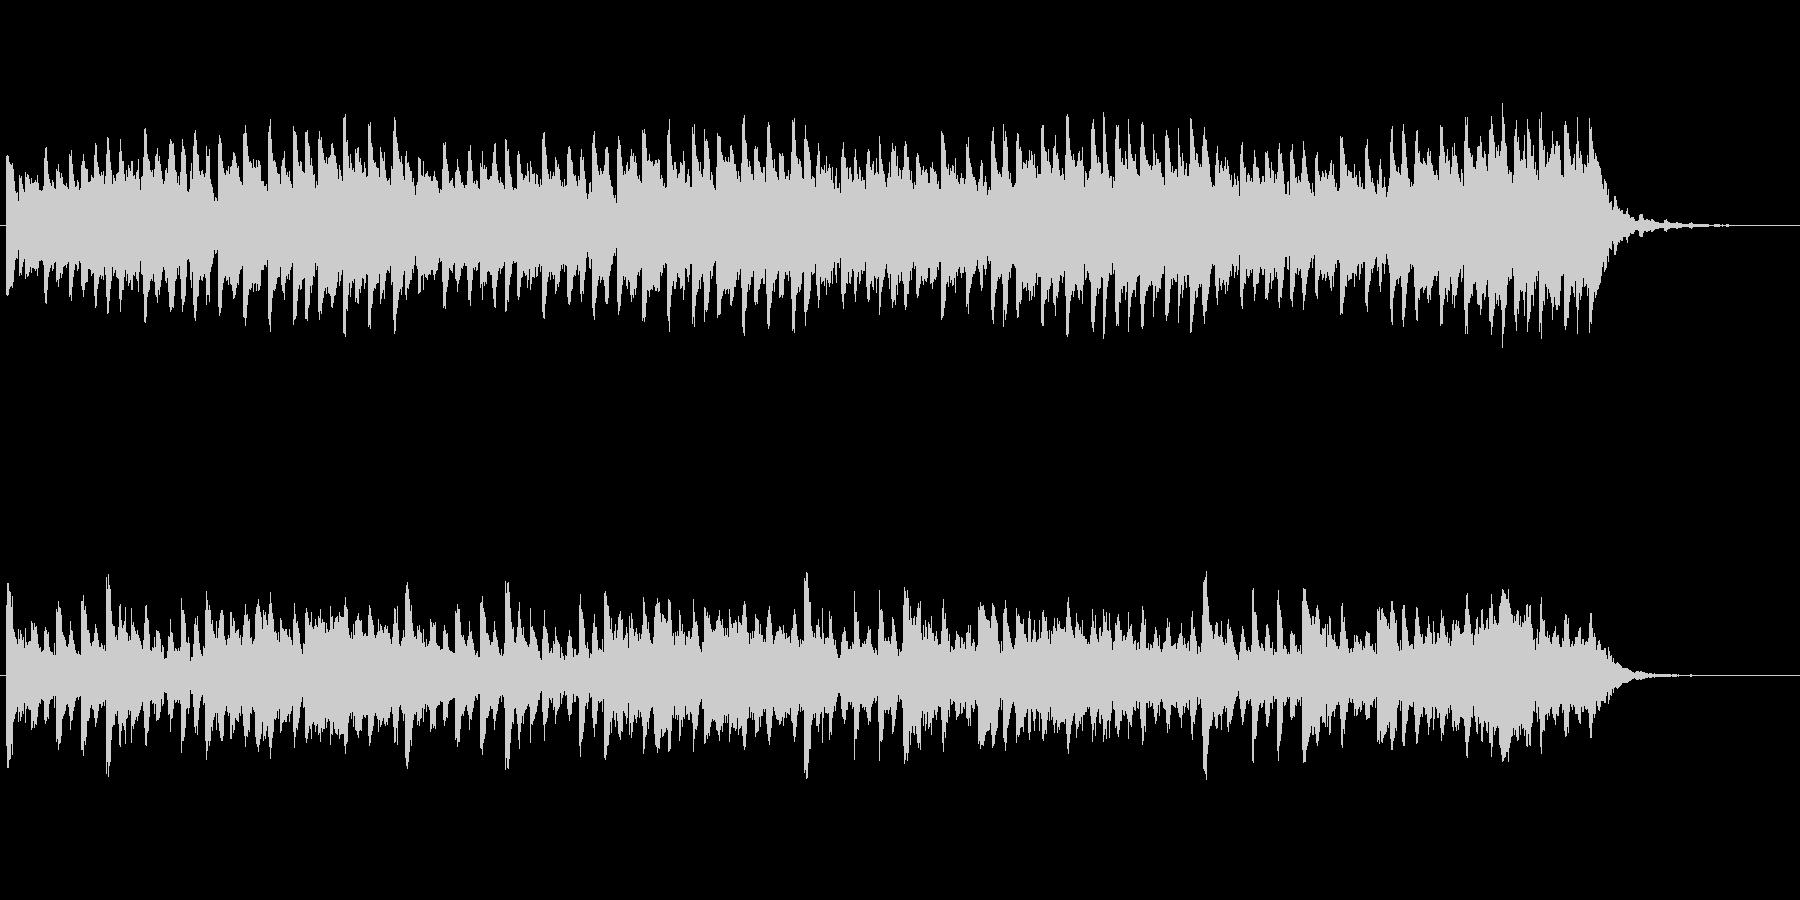 【ピアノ バラード】ミステリアスなピアノの未再生の波形